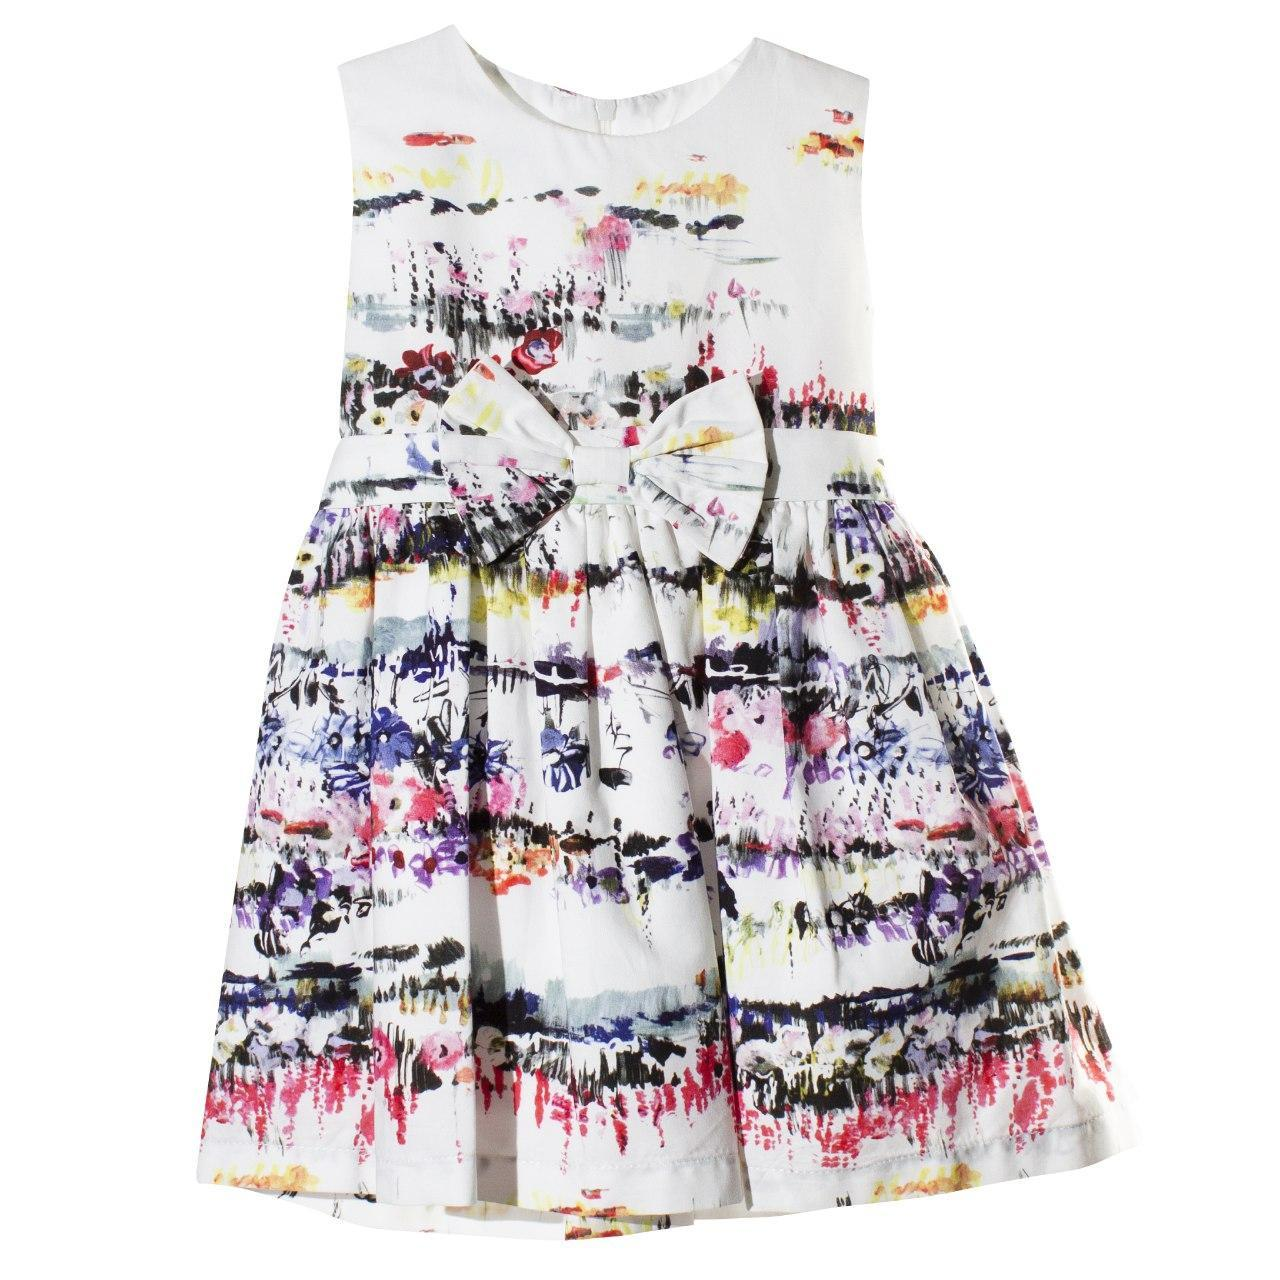 Нарядне плаття для дівчинки, розміри 4, 7, 8 років